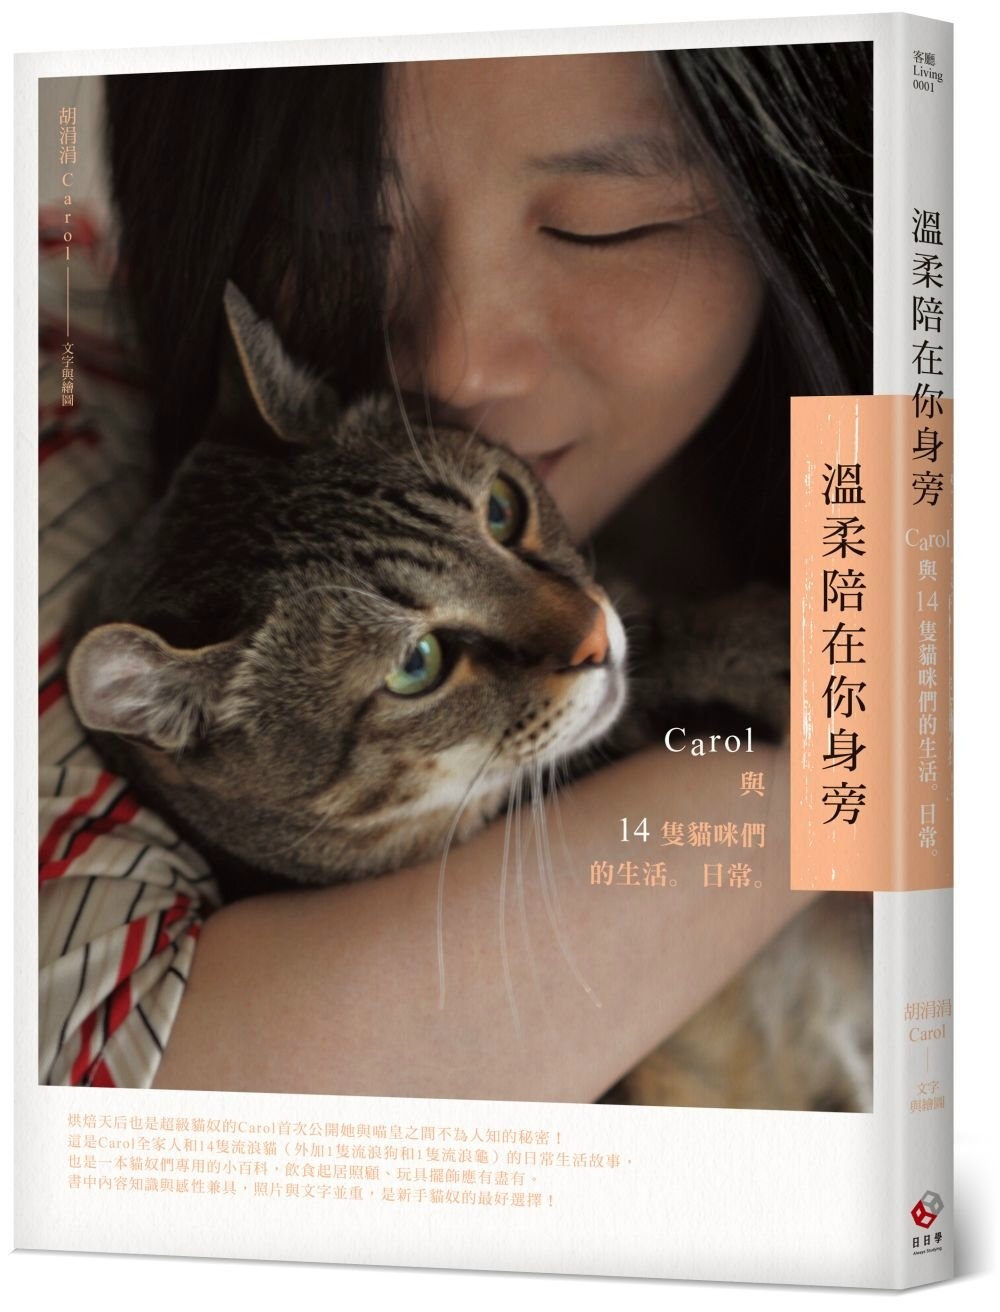 溫柔陪在你身旁:Carol與14隻貓咪們的生活。日常。